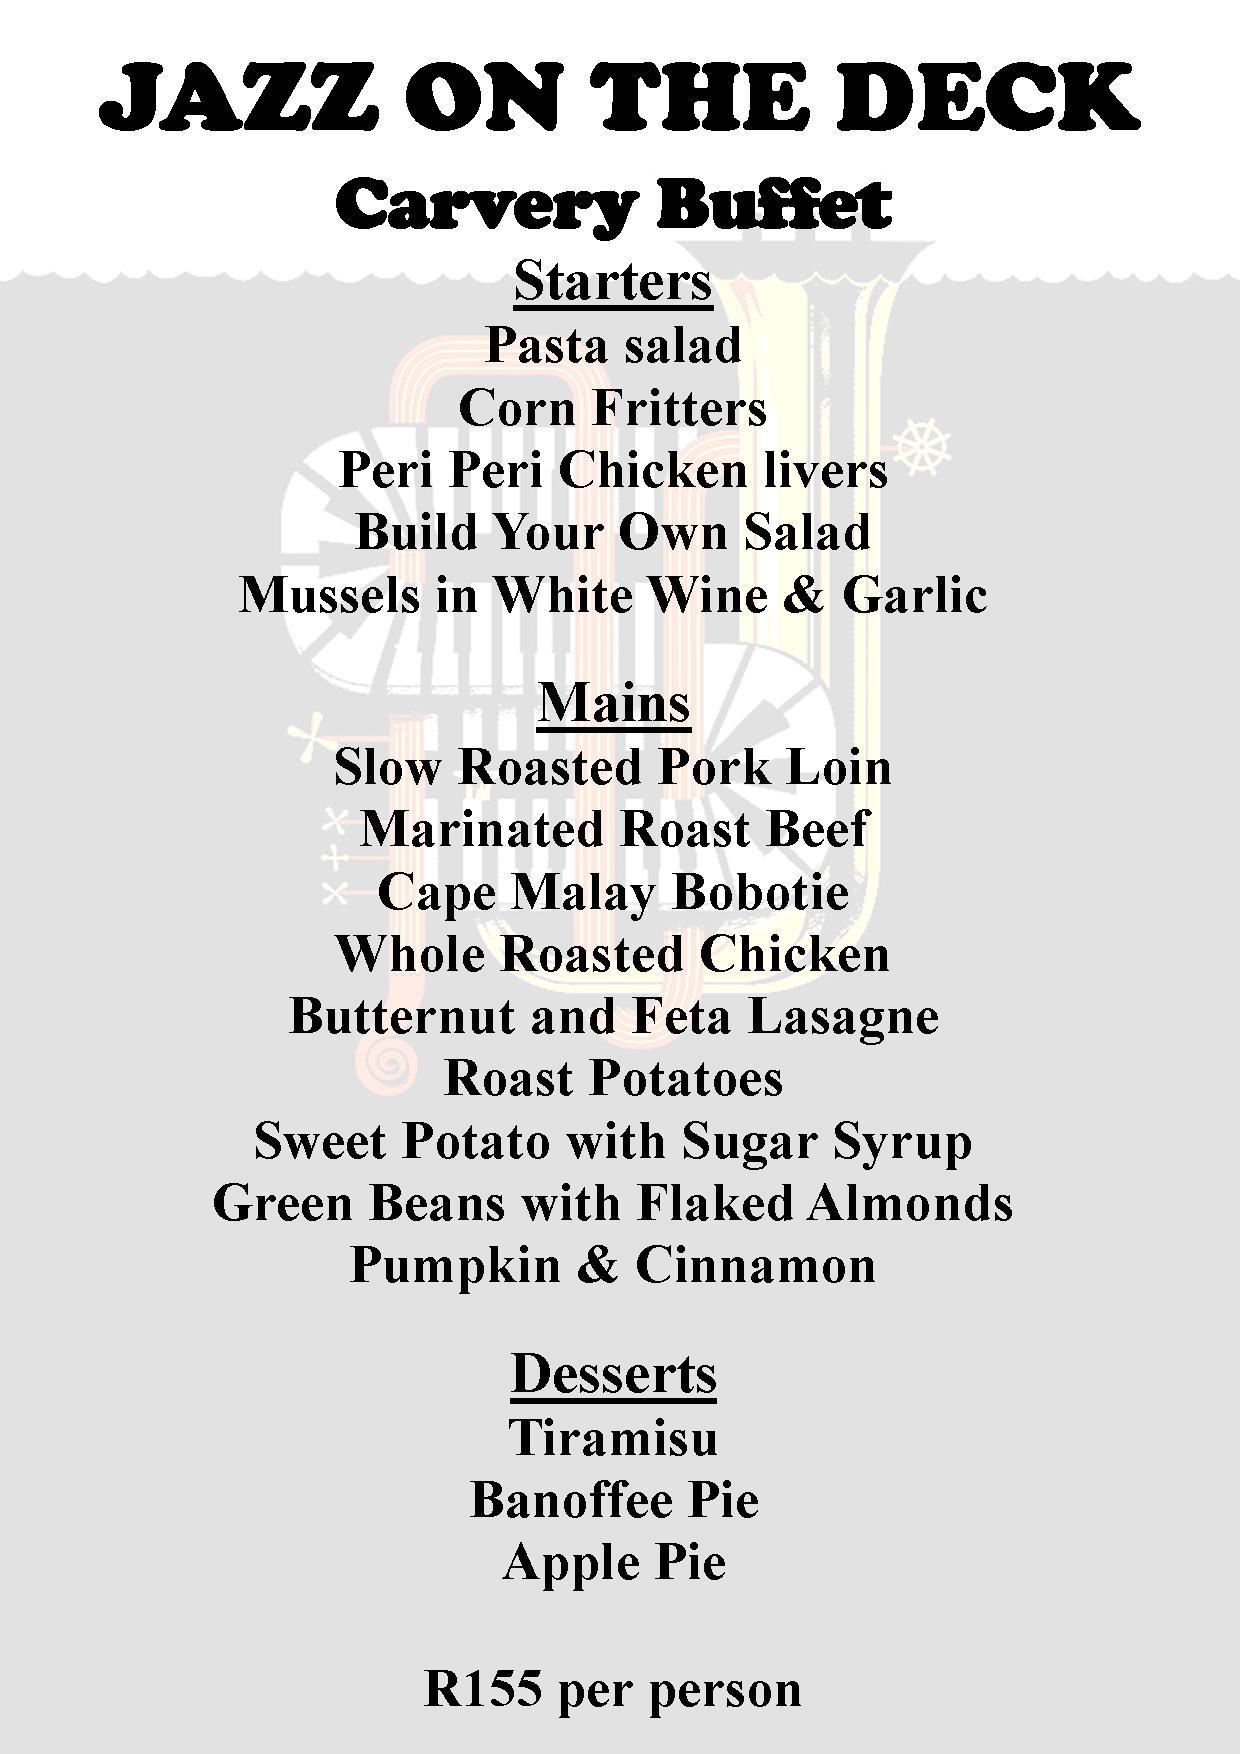 Jazz Feb 16 menu